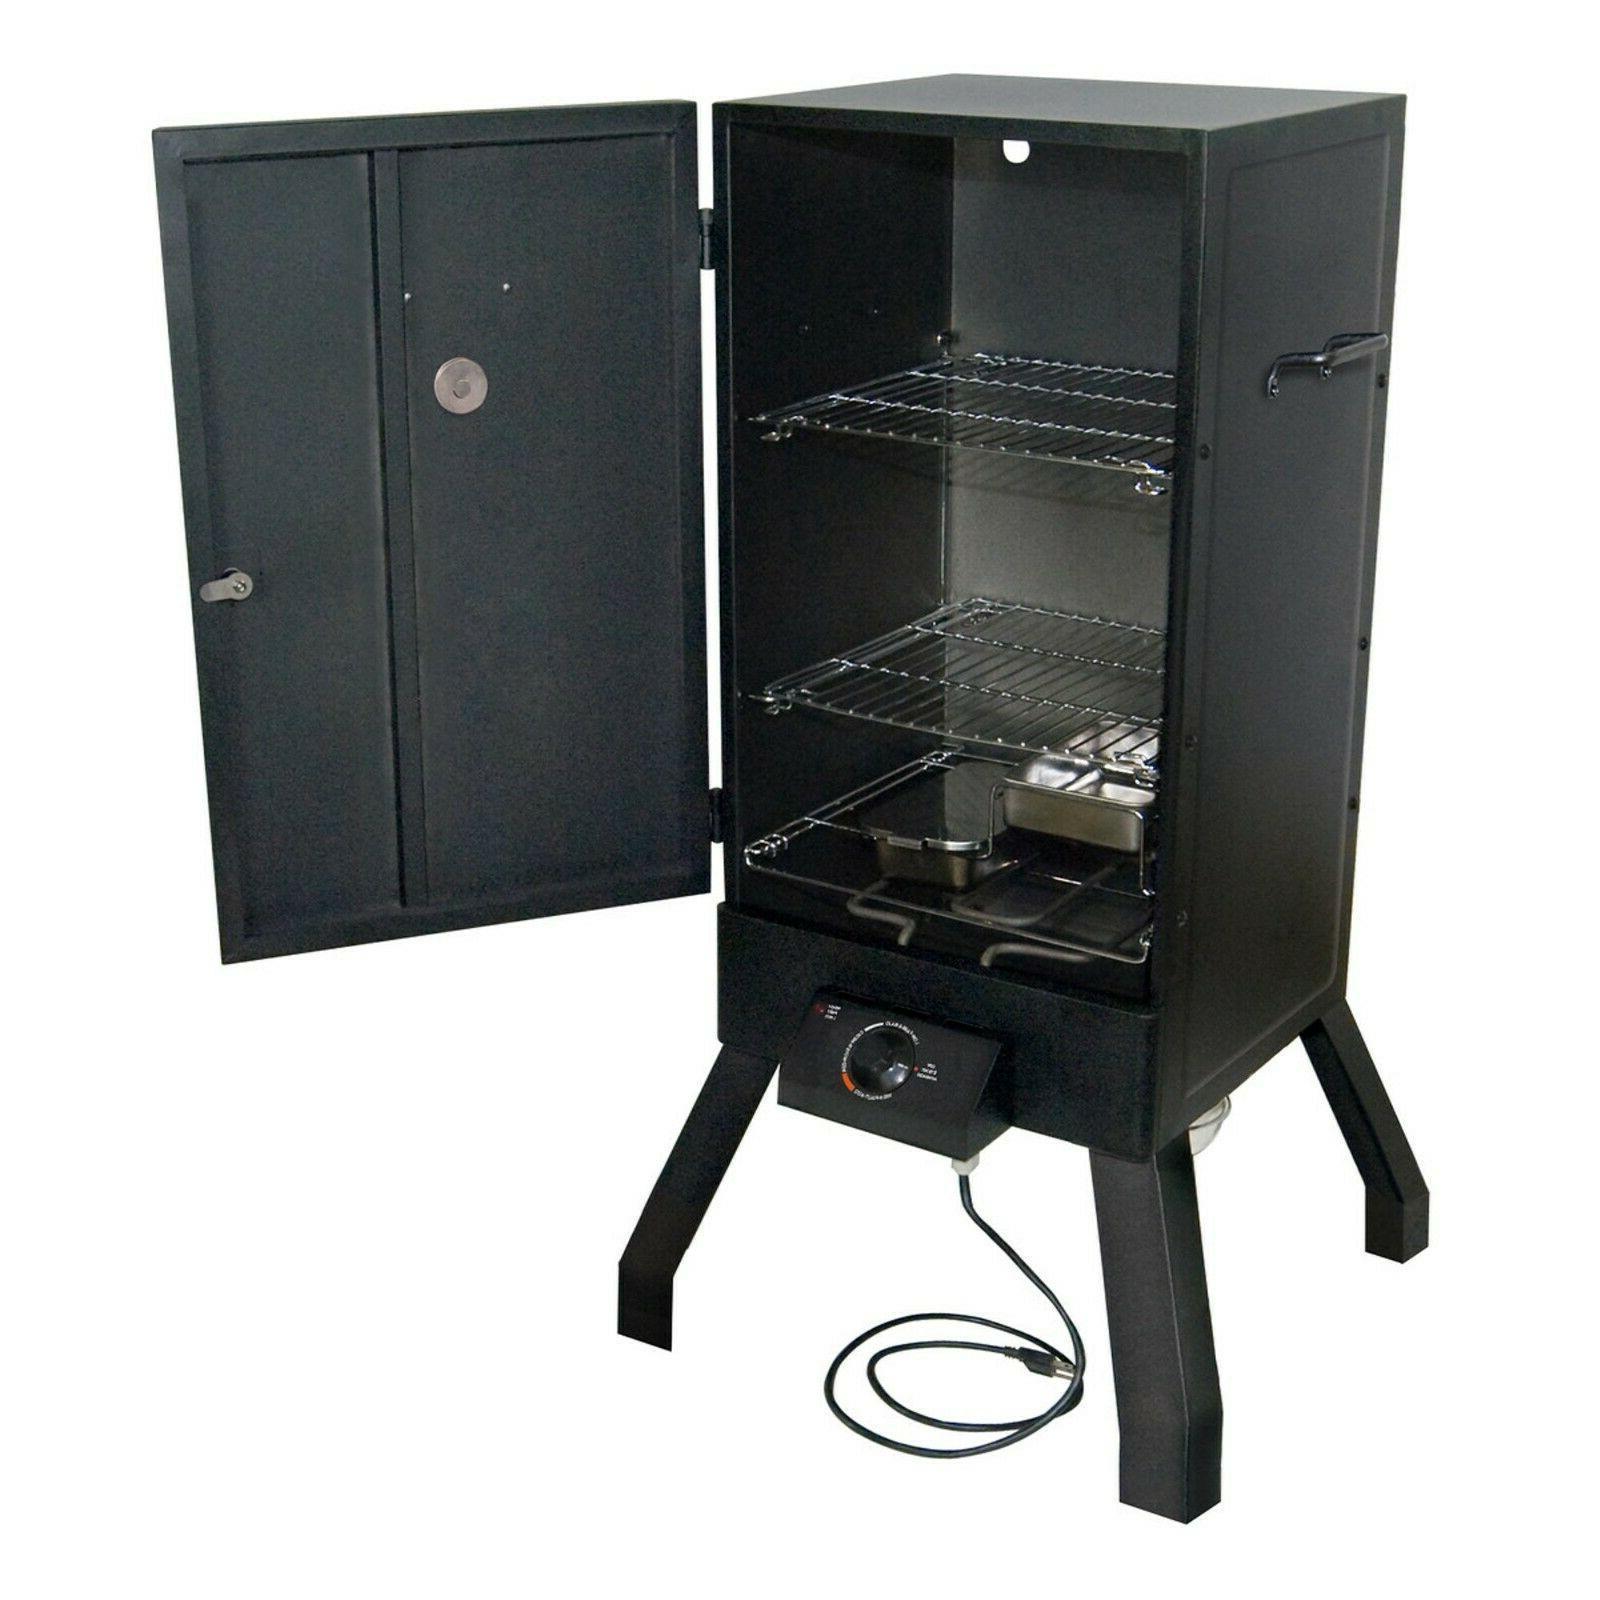 Best Digital Outdoor Oven Cooking